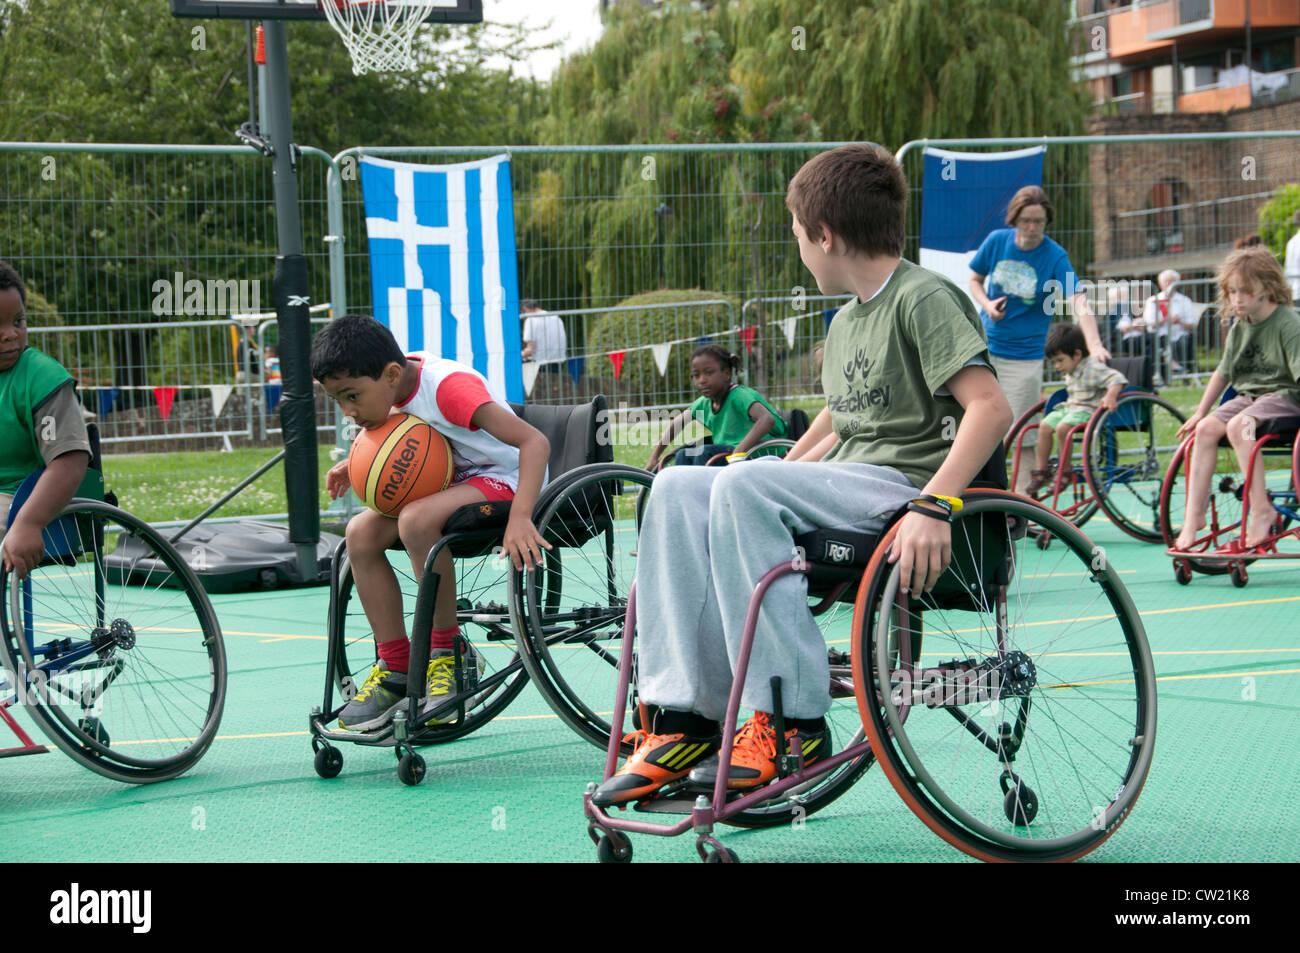 Haggerston Park Live Olympic schermo. In grado corposi i bambini hanno la possibilità di giocare a basket in Immagini Stock